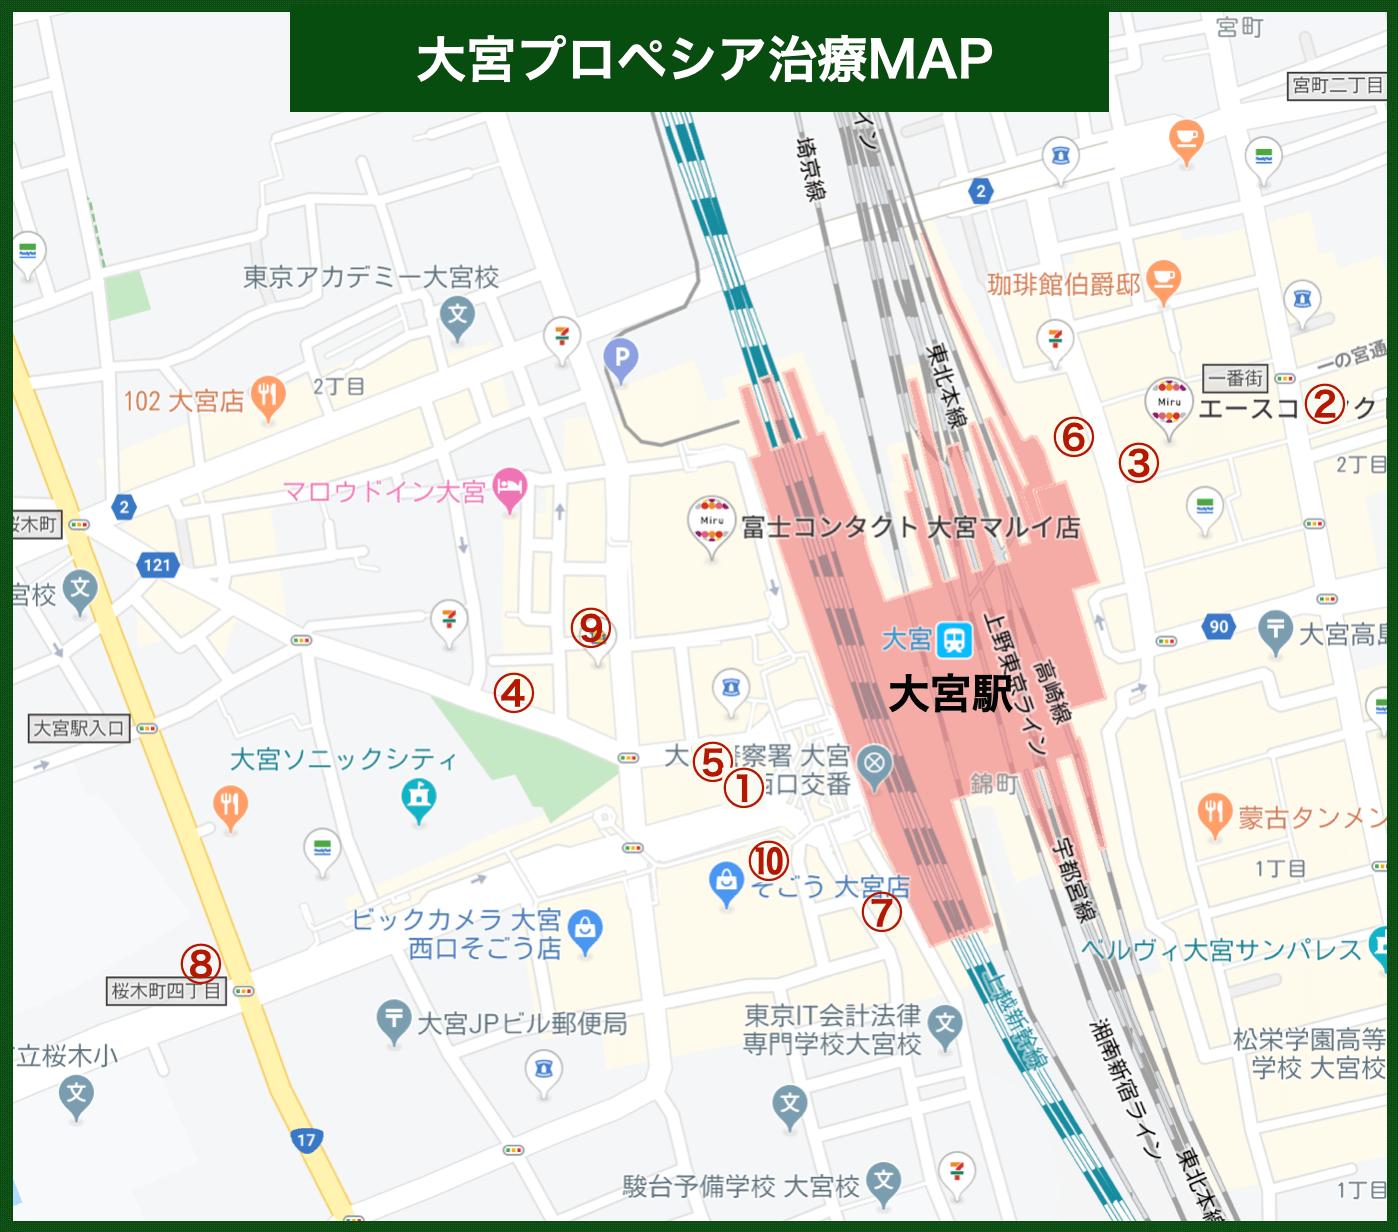 大宮プロペシア治療MAP